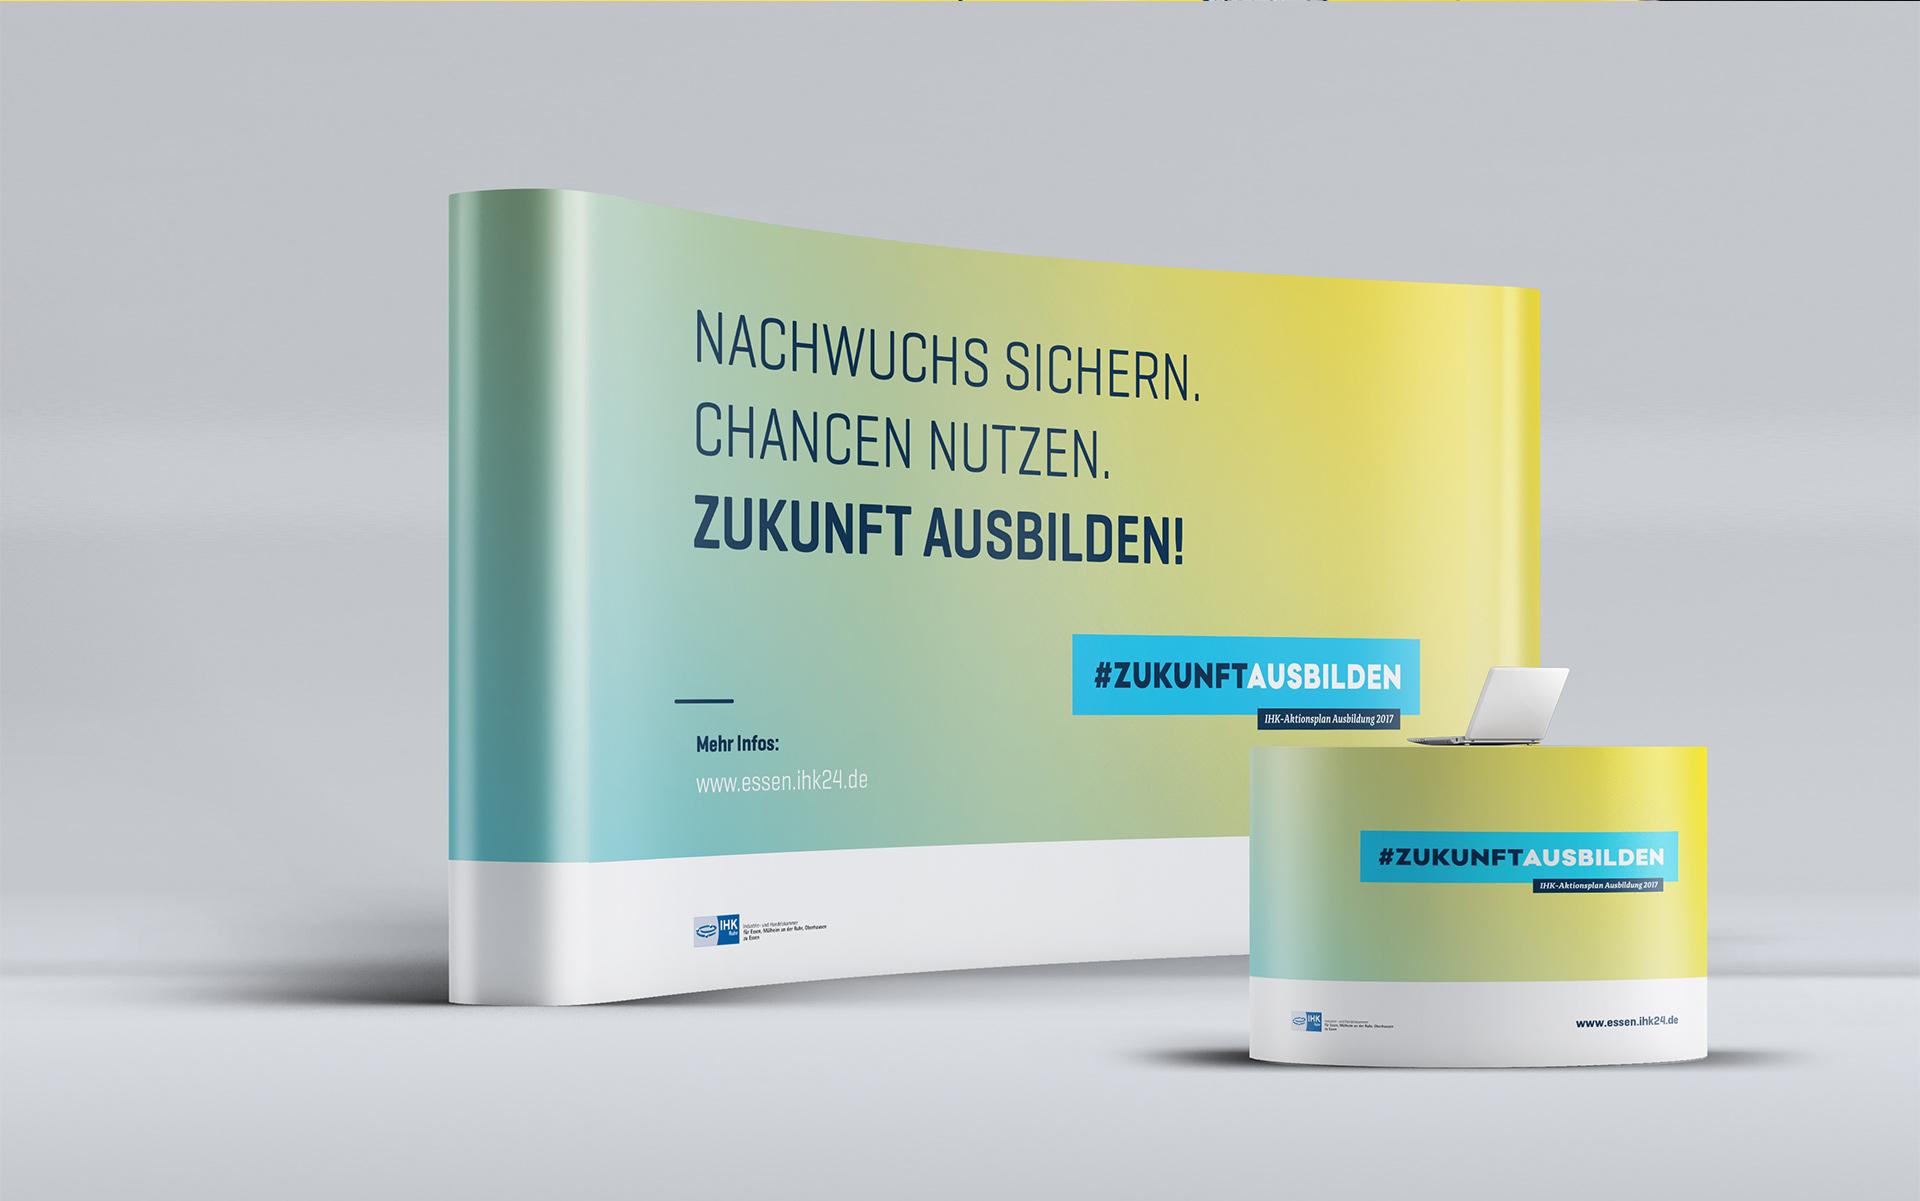 IHK-Ausbildungskampagne 2017